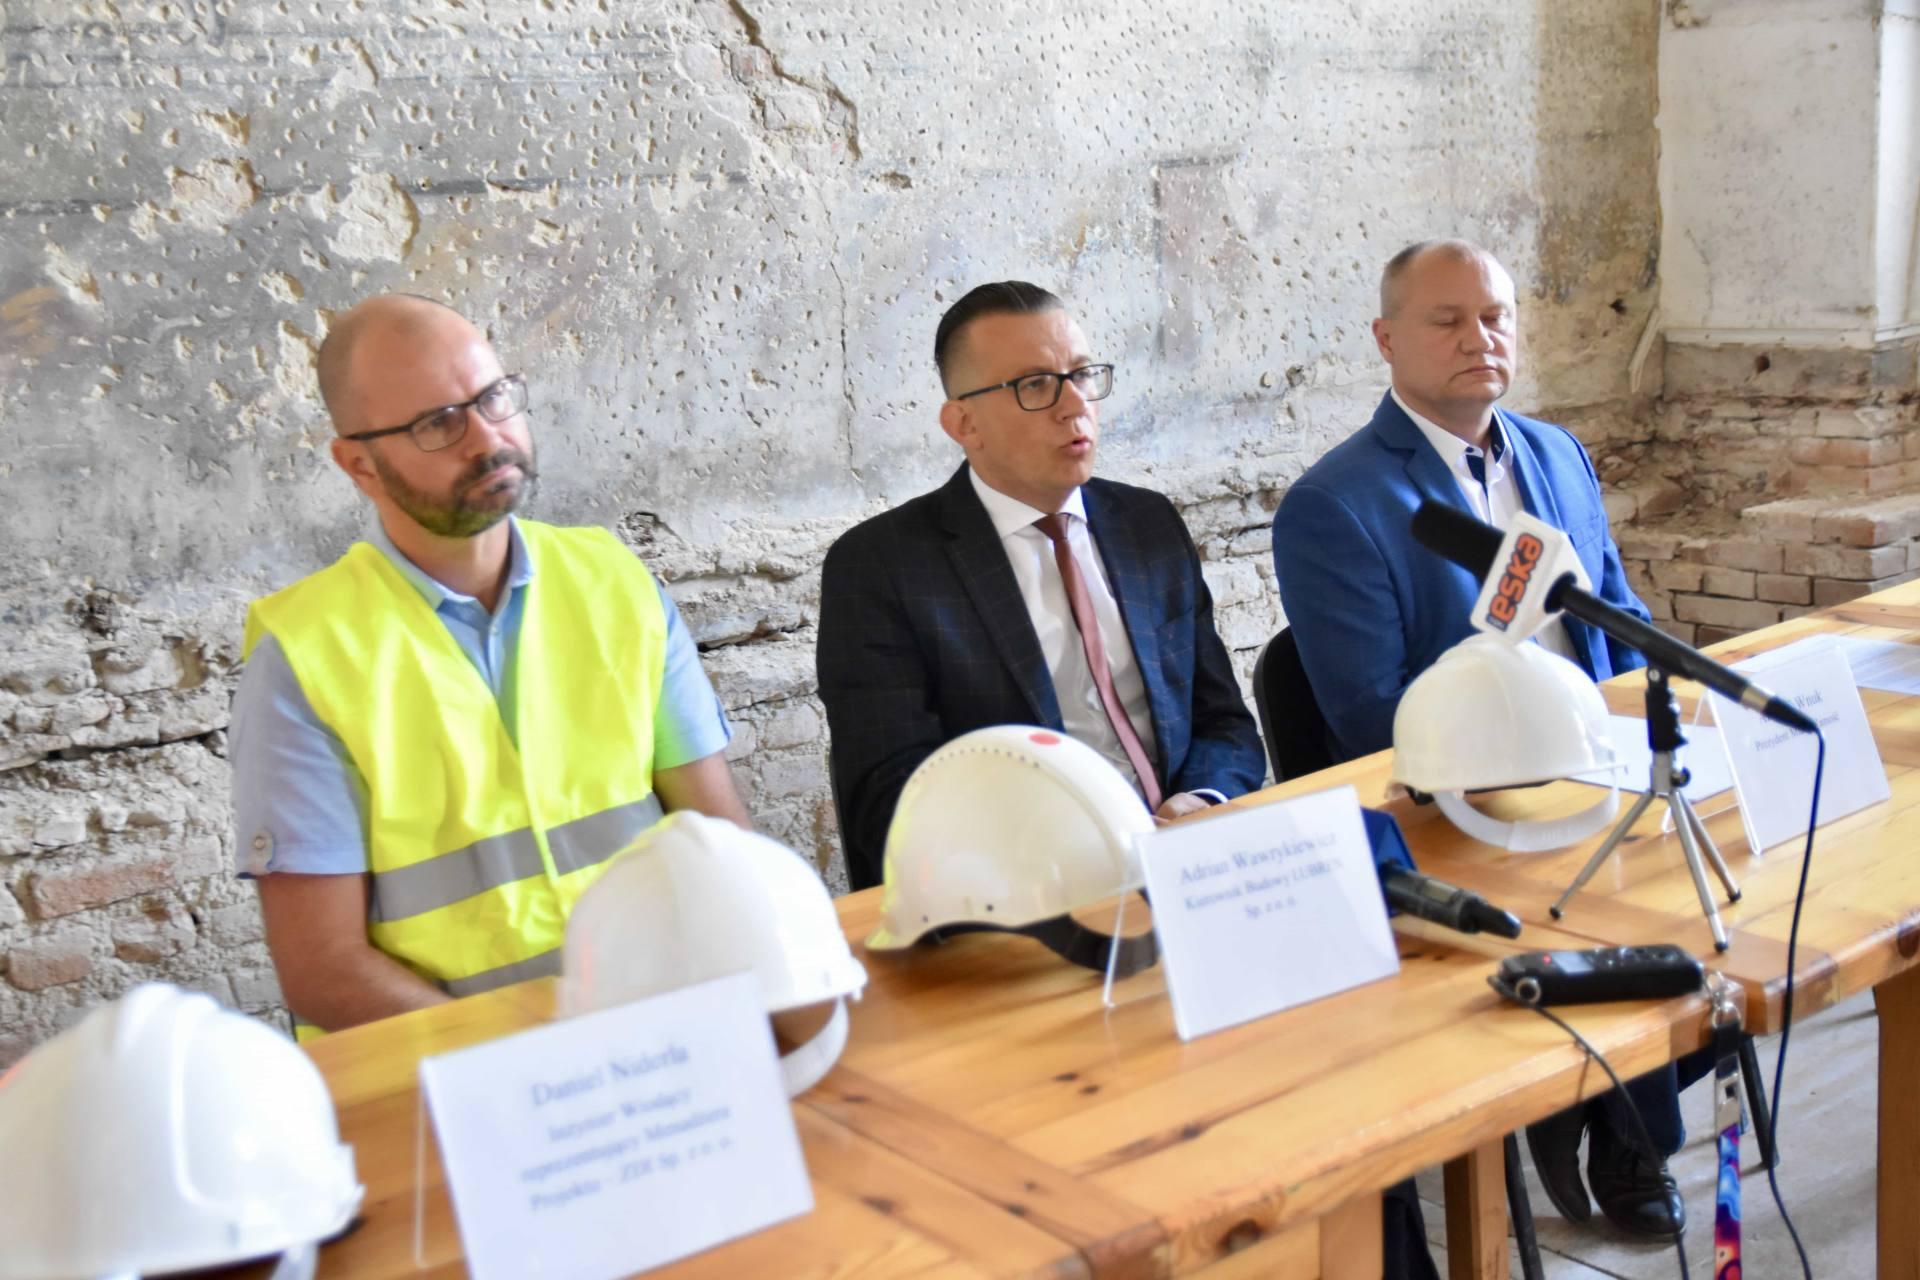 dsc 9920 ZAMOŚĆ: Wznowiono roboty budowlane i prace konserwatorskie w obiekcie Akademii Zamojskiej [ZDJĘCIA]